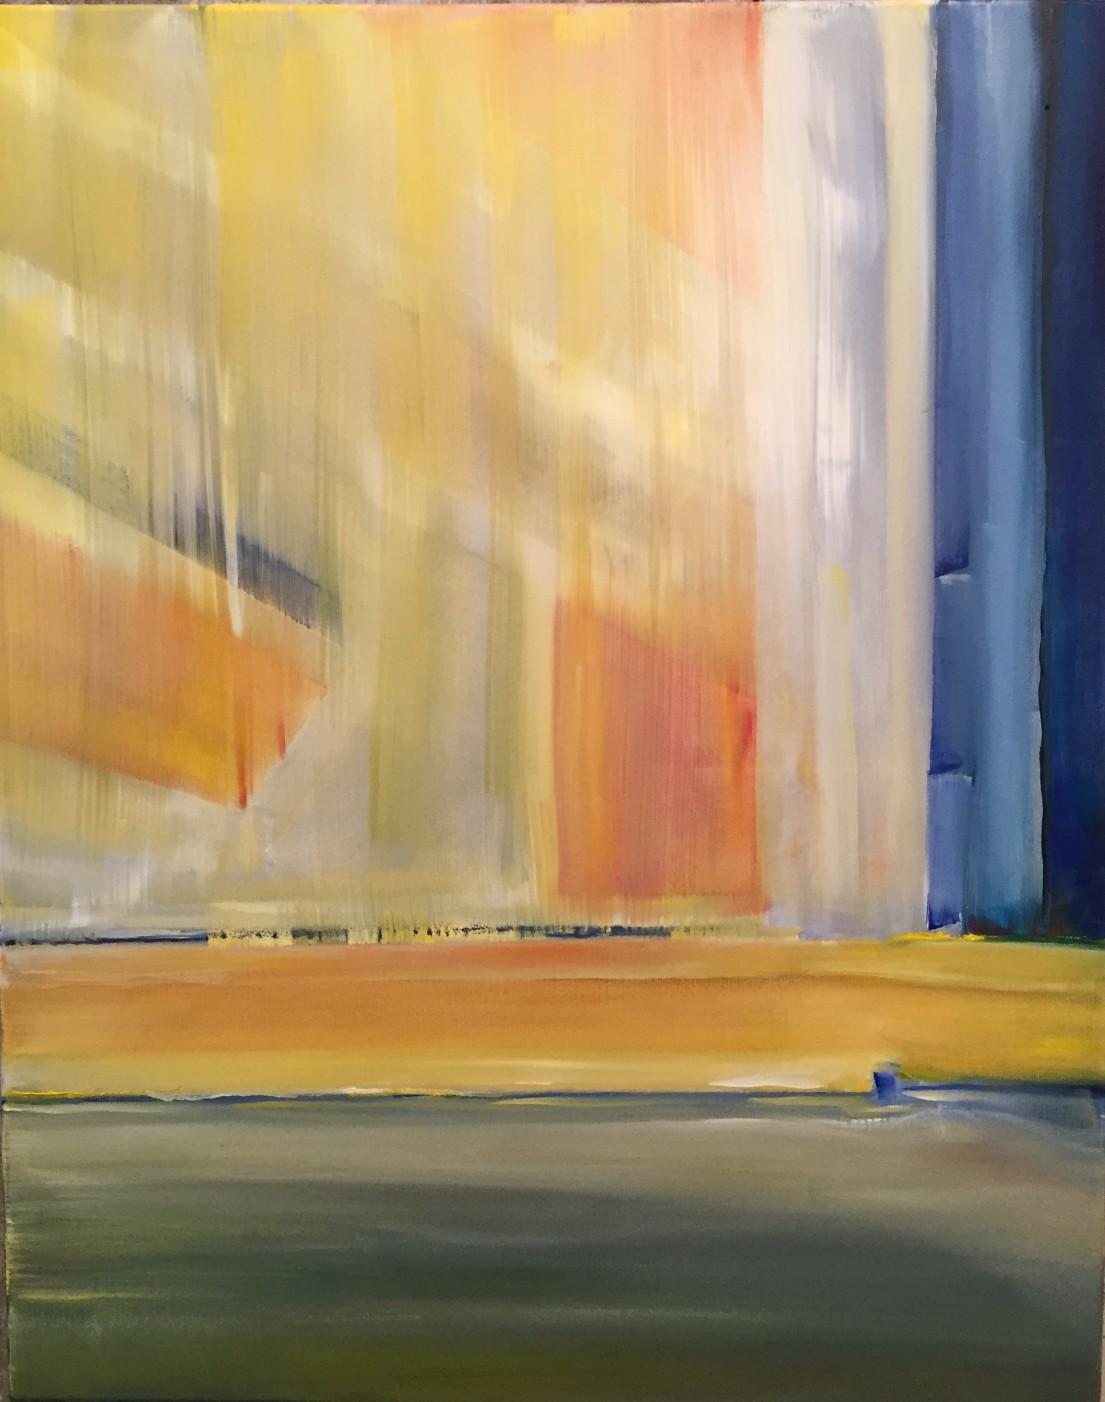 Yellow-Planes-Stan-Piotroski